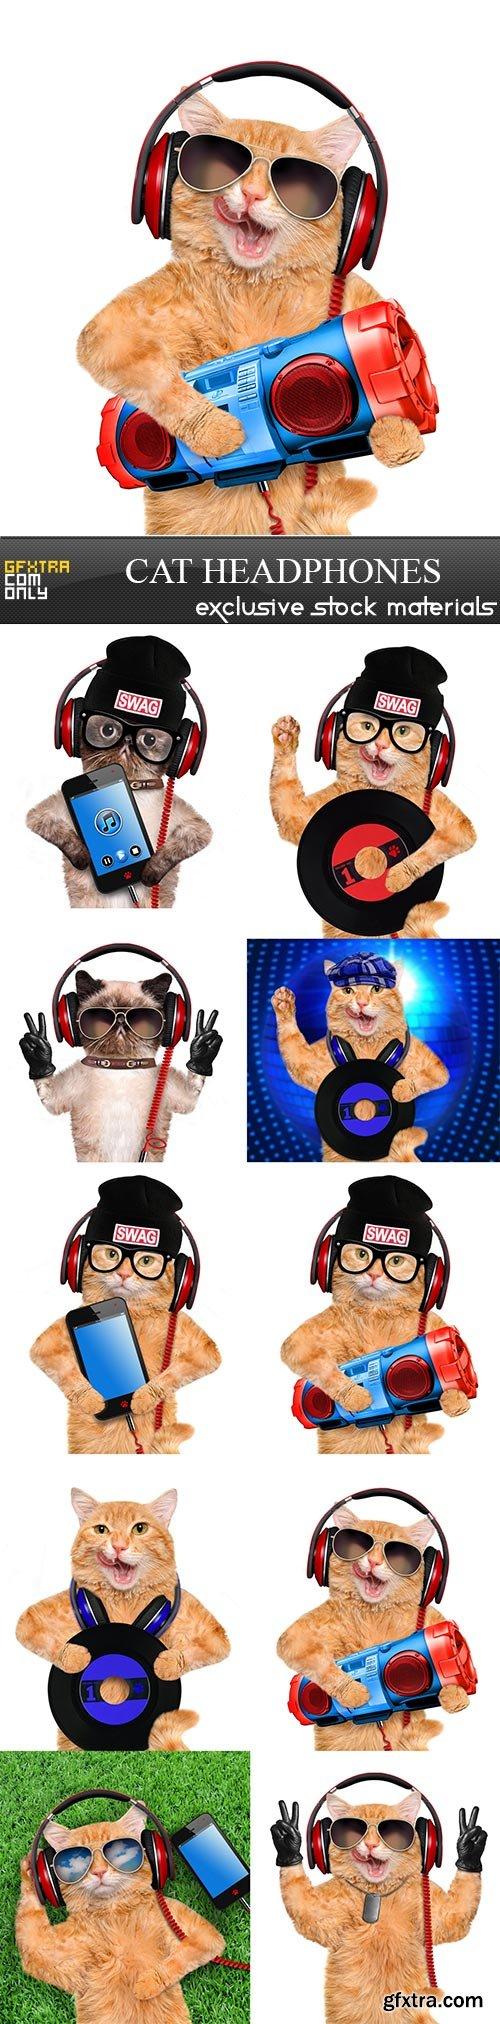 Cat headphones, 10 x UHQ JPEG